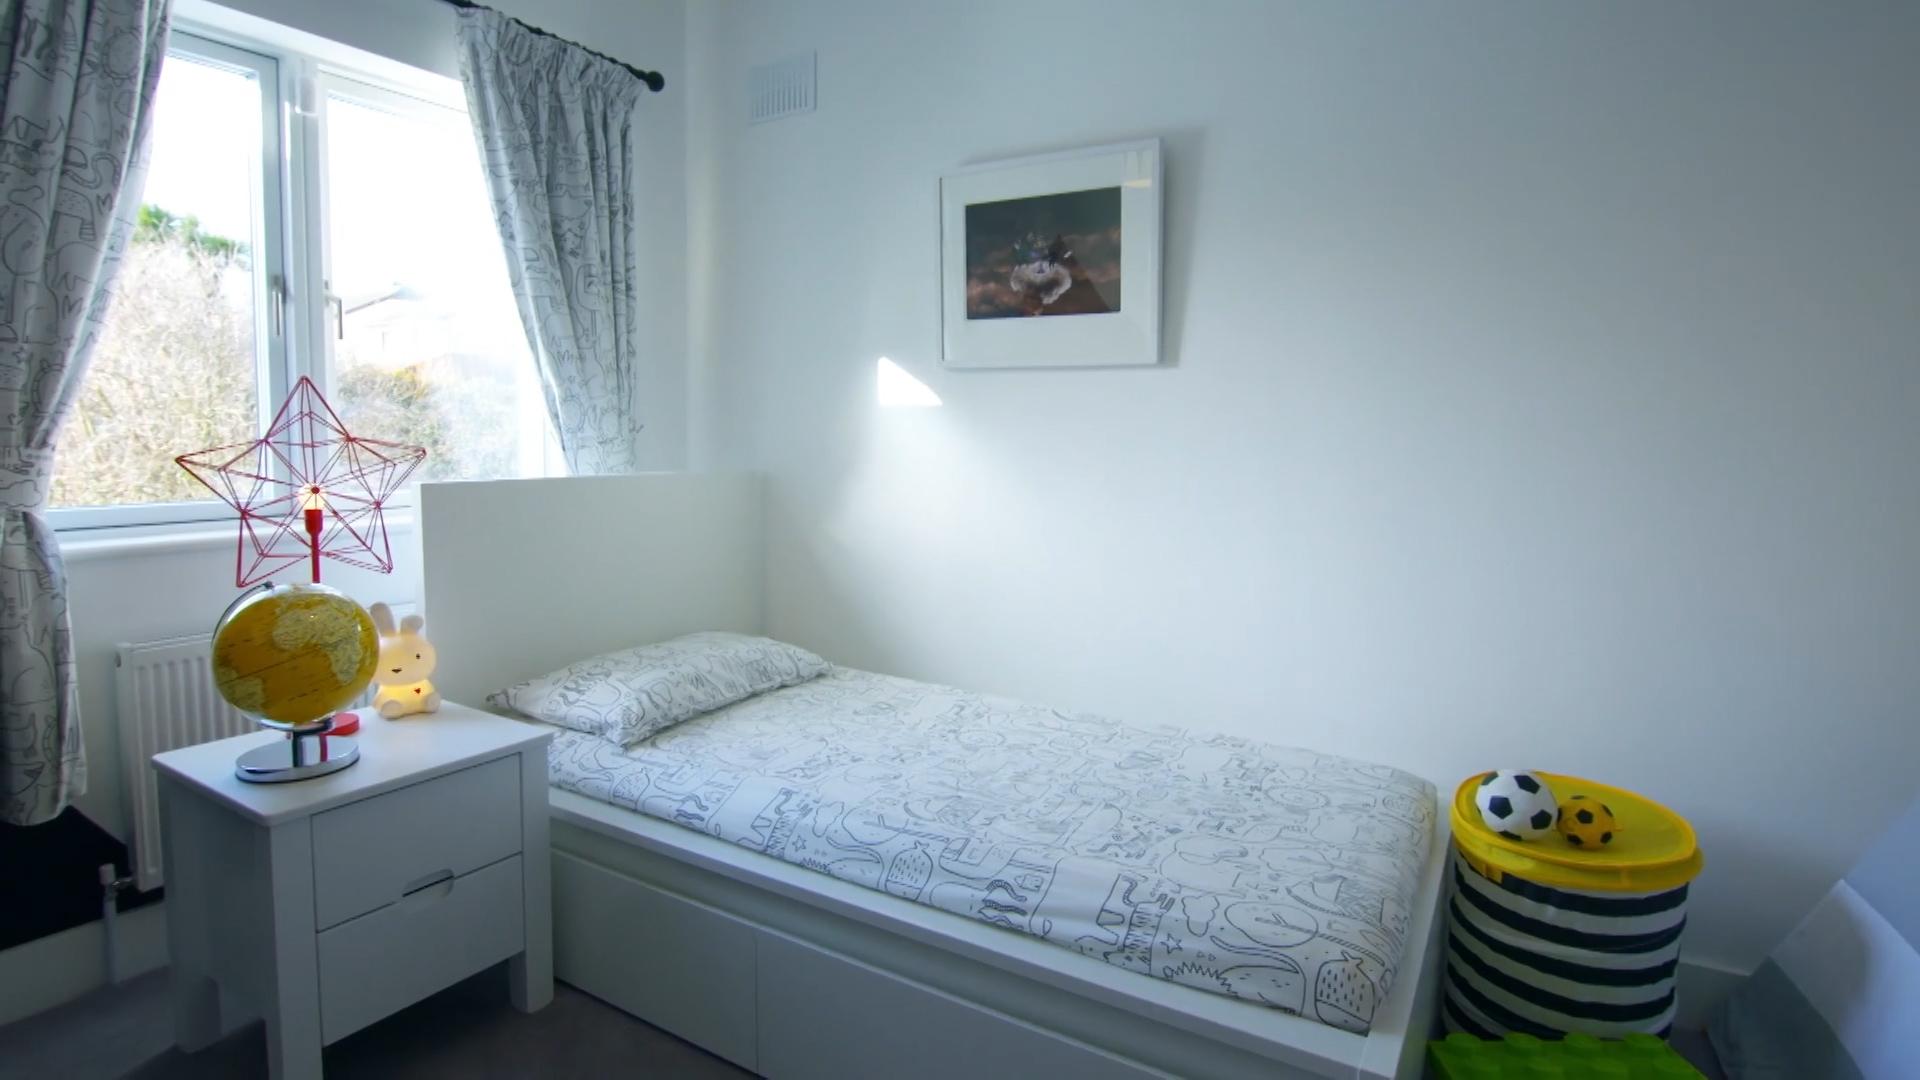 RTI Stillorgan After - Bedroom.jpg